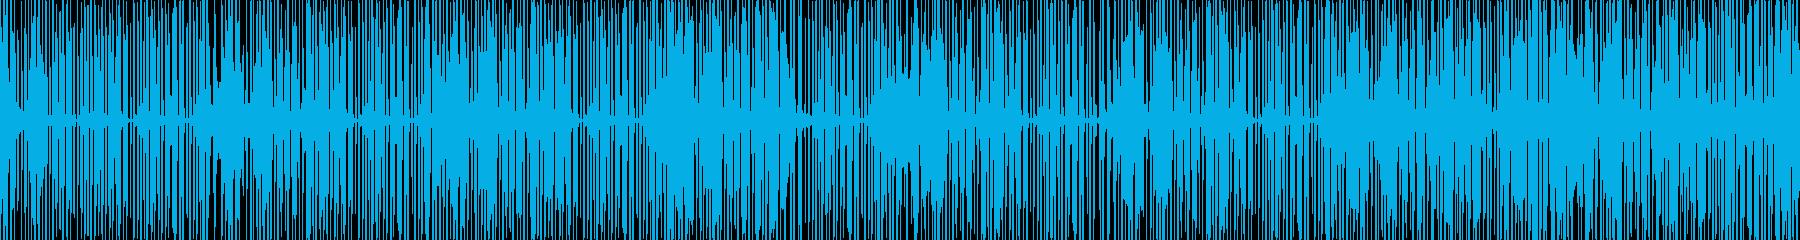 逆再生不気味幻想的よれよれテクノの再生済みの波形